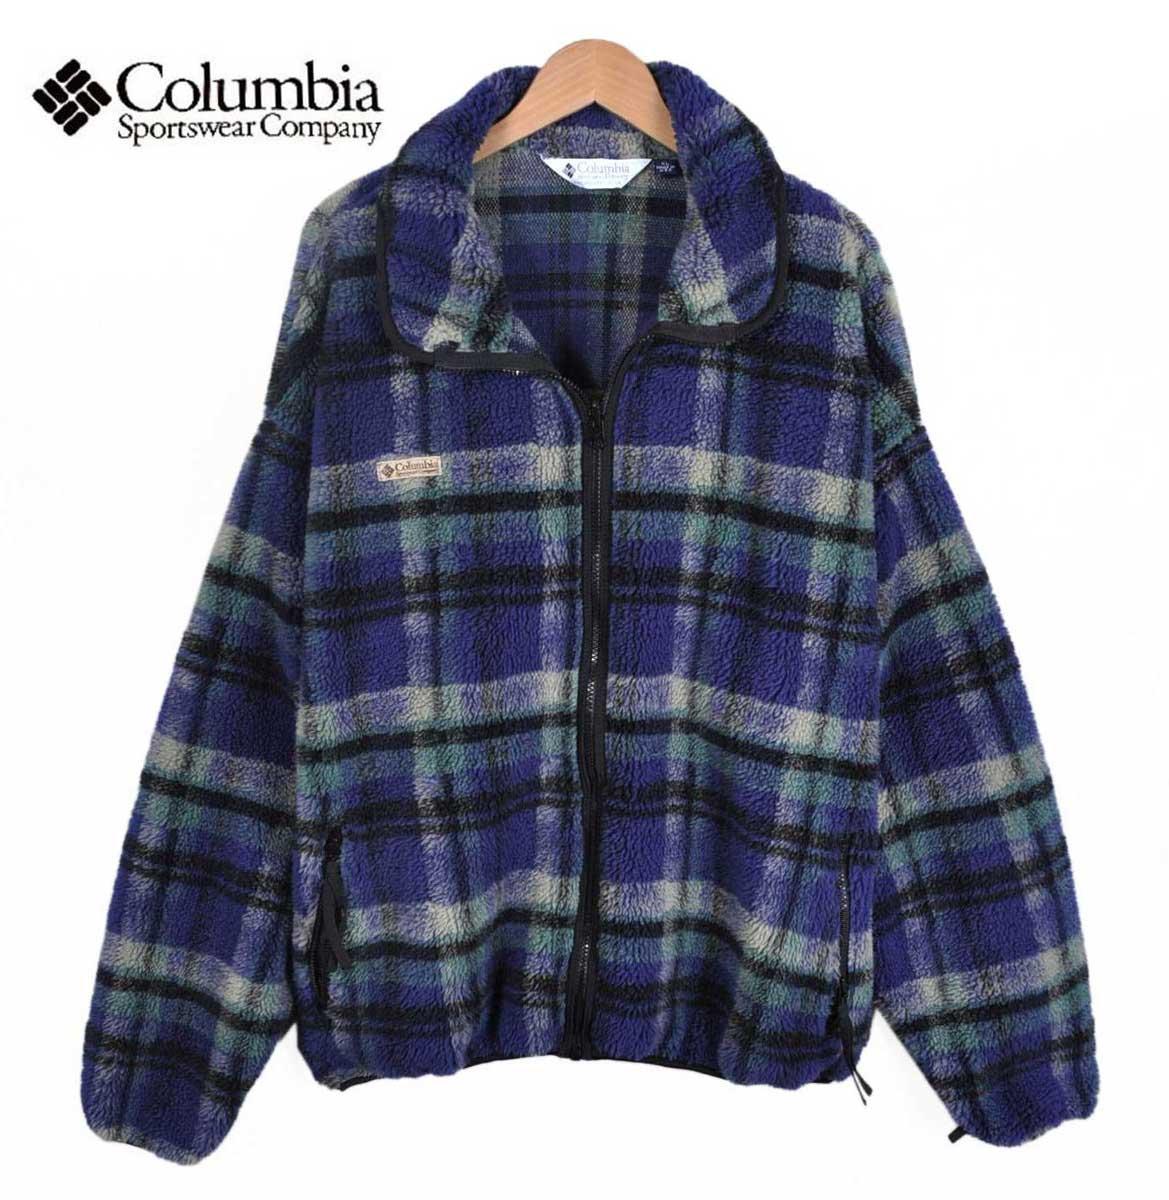 【ビッグサイズ】ヴィンテージ 1990年代 USA製 / Columbia コロンビア / フルジップ パイル フリースジャケット / ブルー系 チェック柄 / メンズ2XL相当【中古】○♪♪